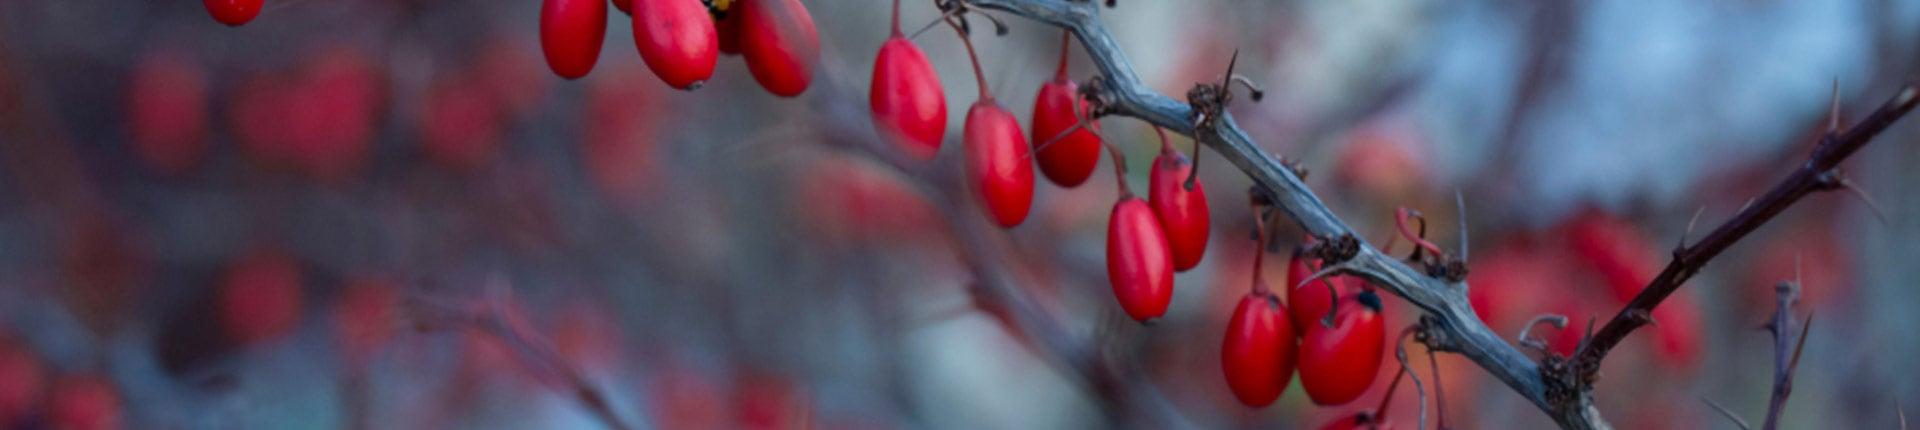 Berberyna: suplement czy lek? Poznaj właściwosci i działanie berberyny